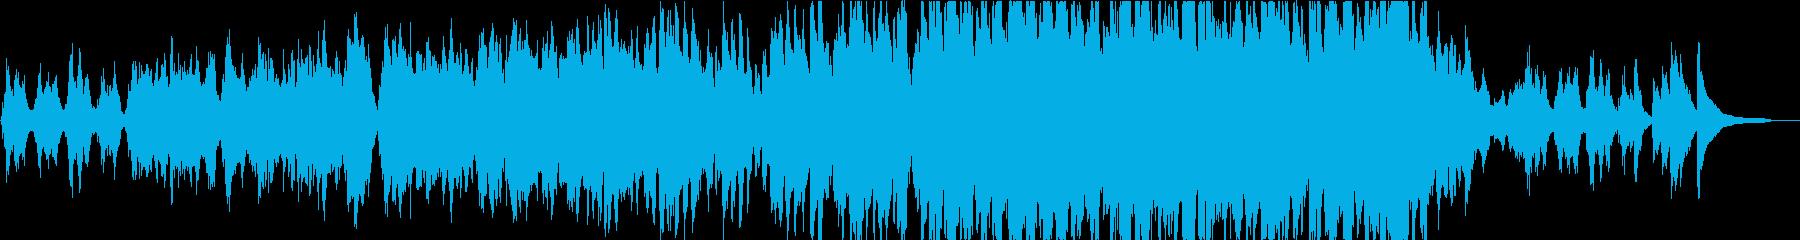 【生演奏】綺麗なバイオリン曲バラードの再生済みの波形